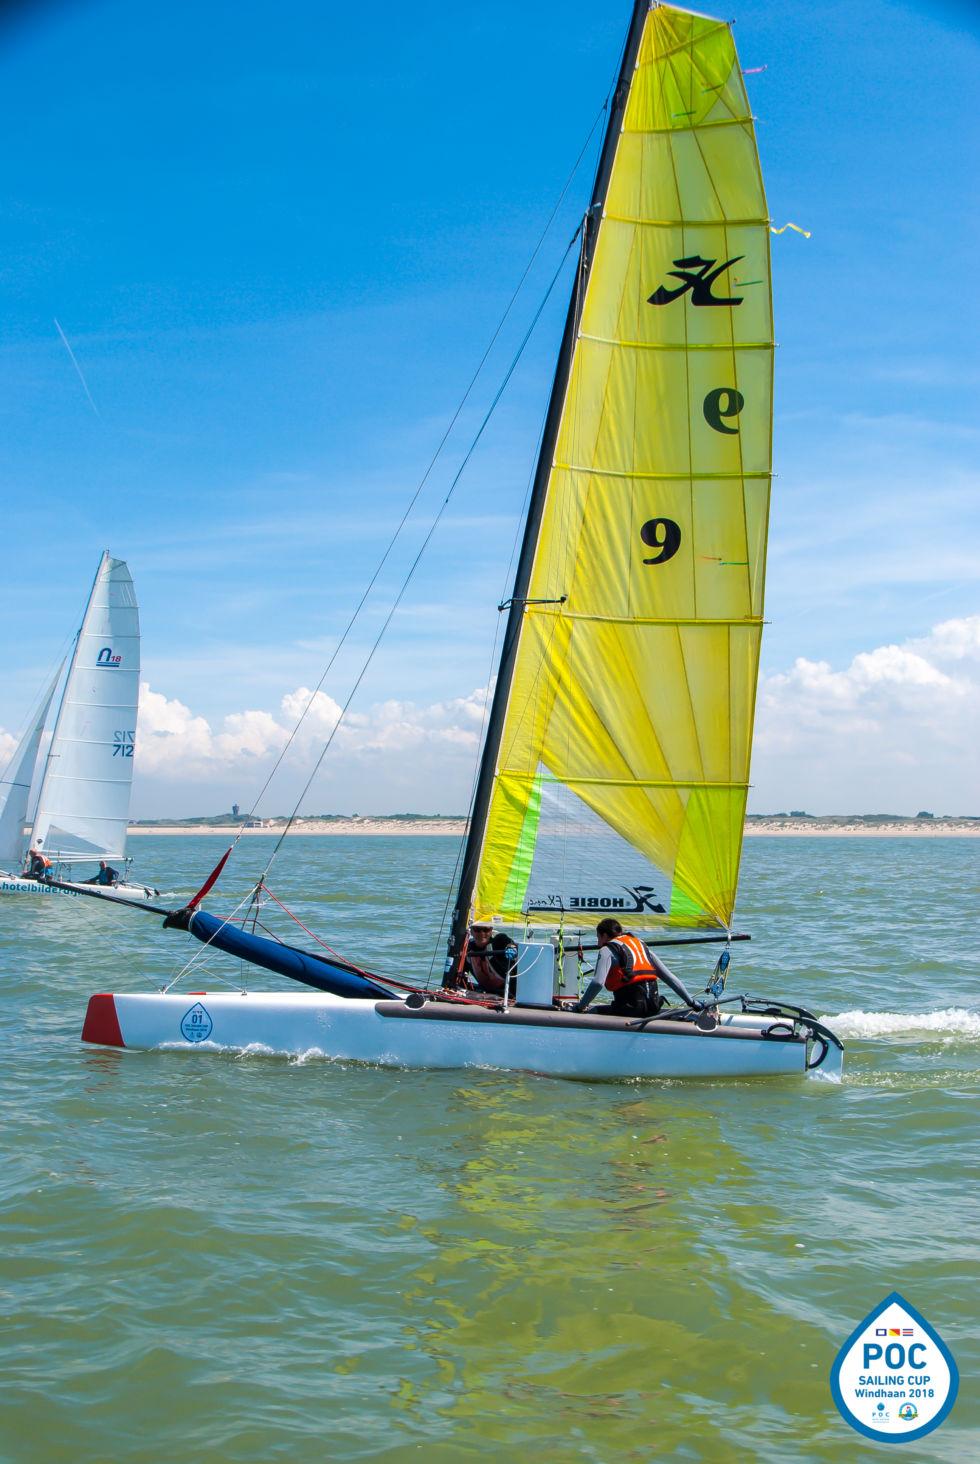 2018 06 03 POC Sailing Cup - Windhaan wedstrijd 1 -15